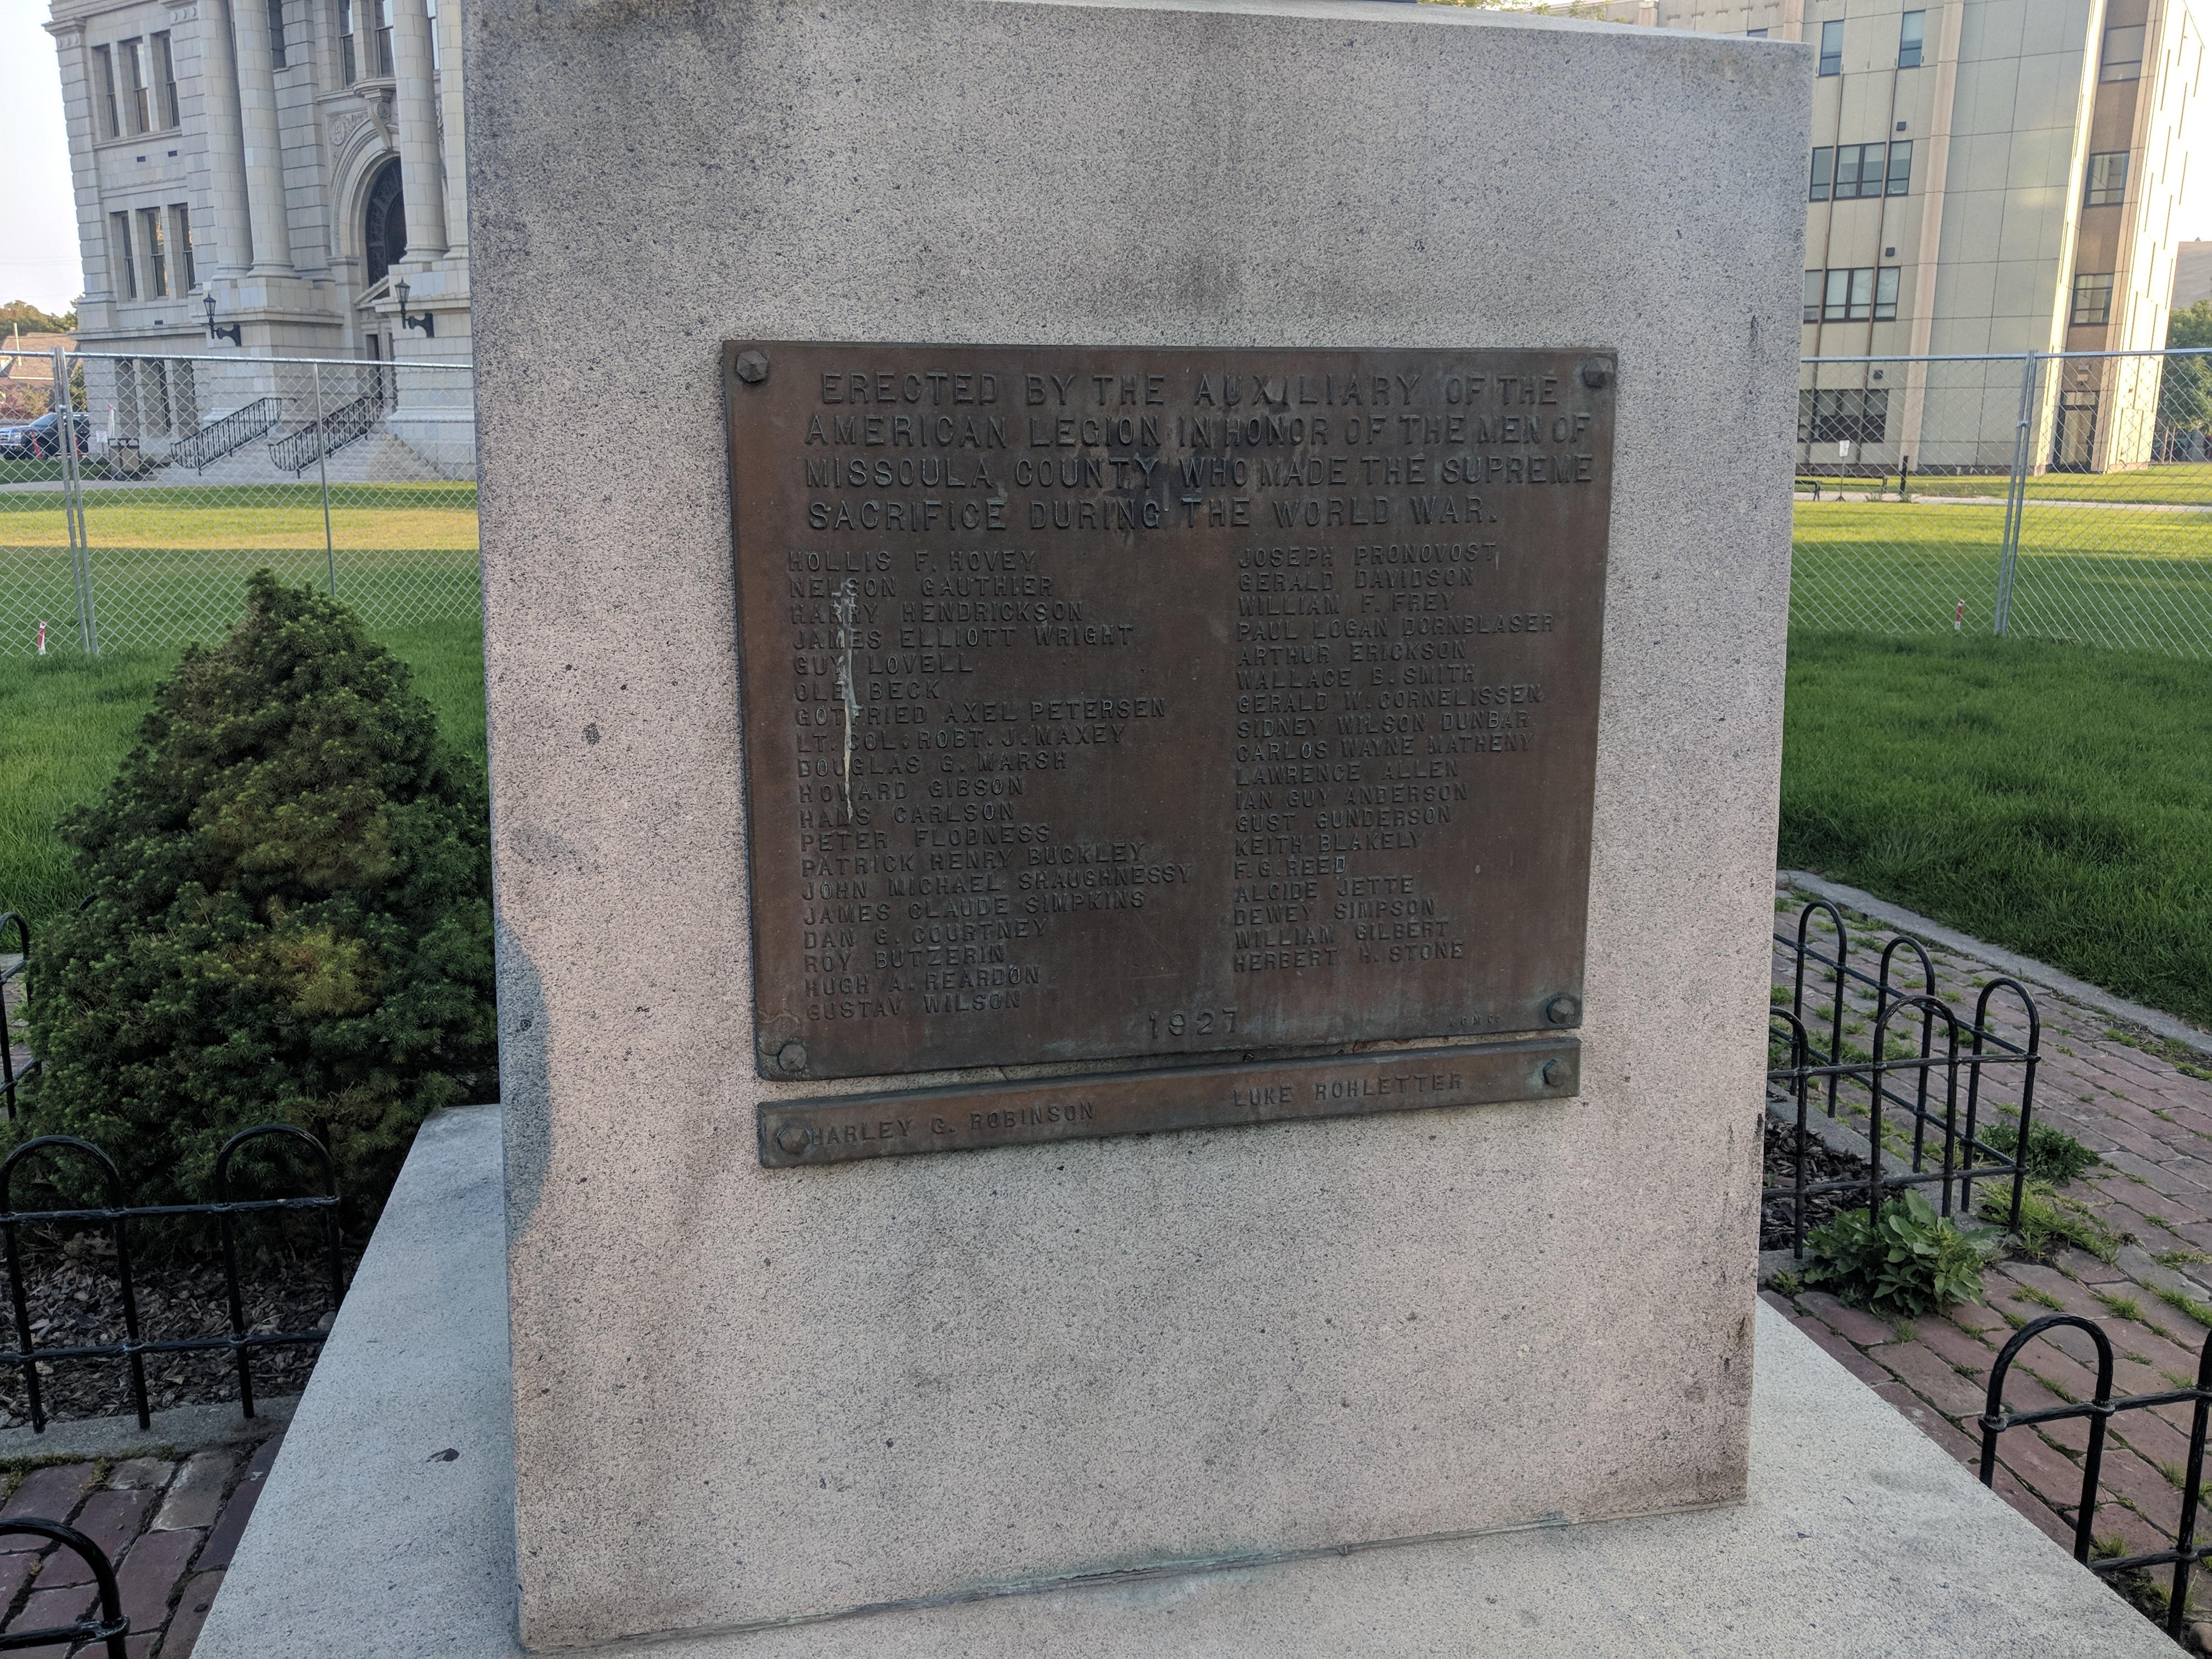 Doughboy plaque